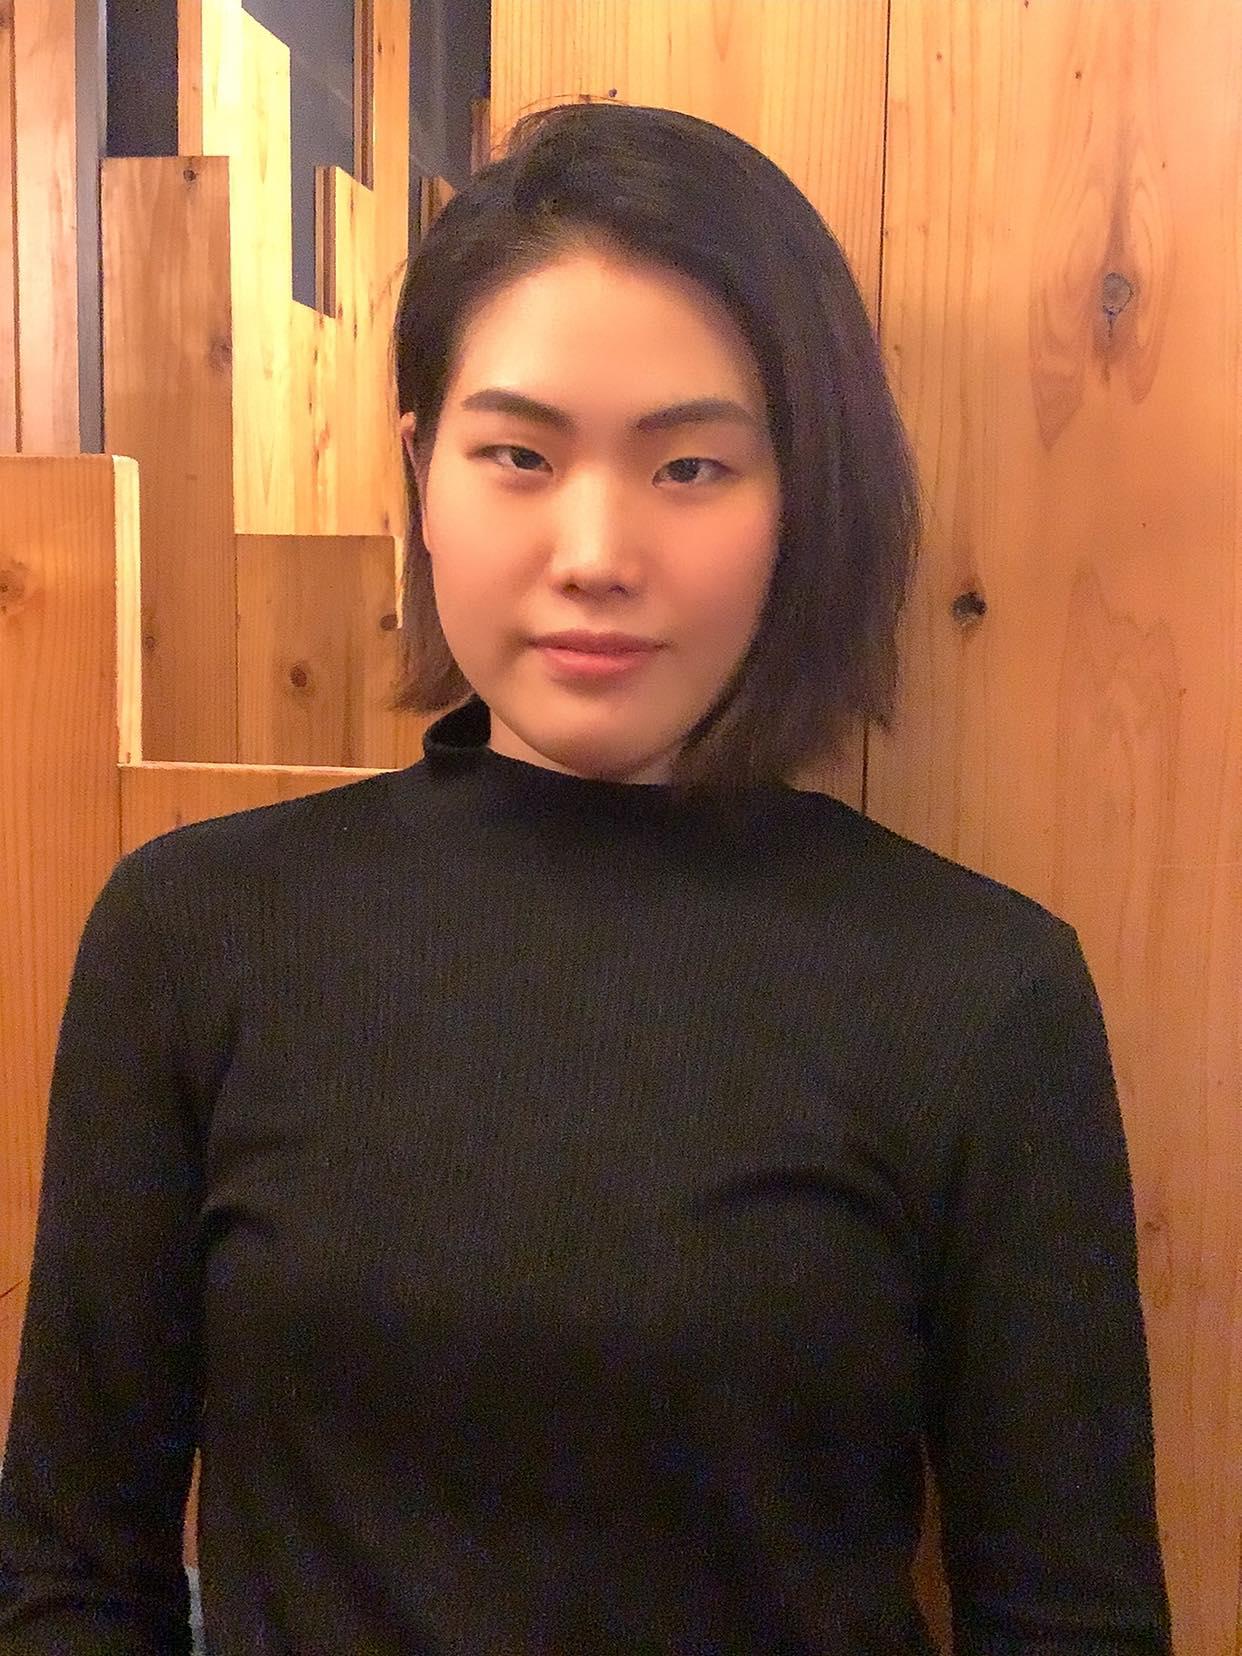 Naho Shigihara